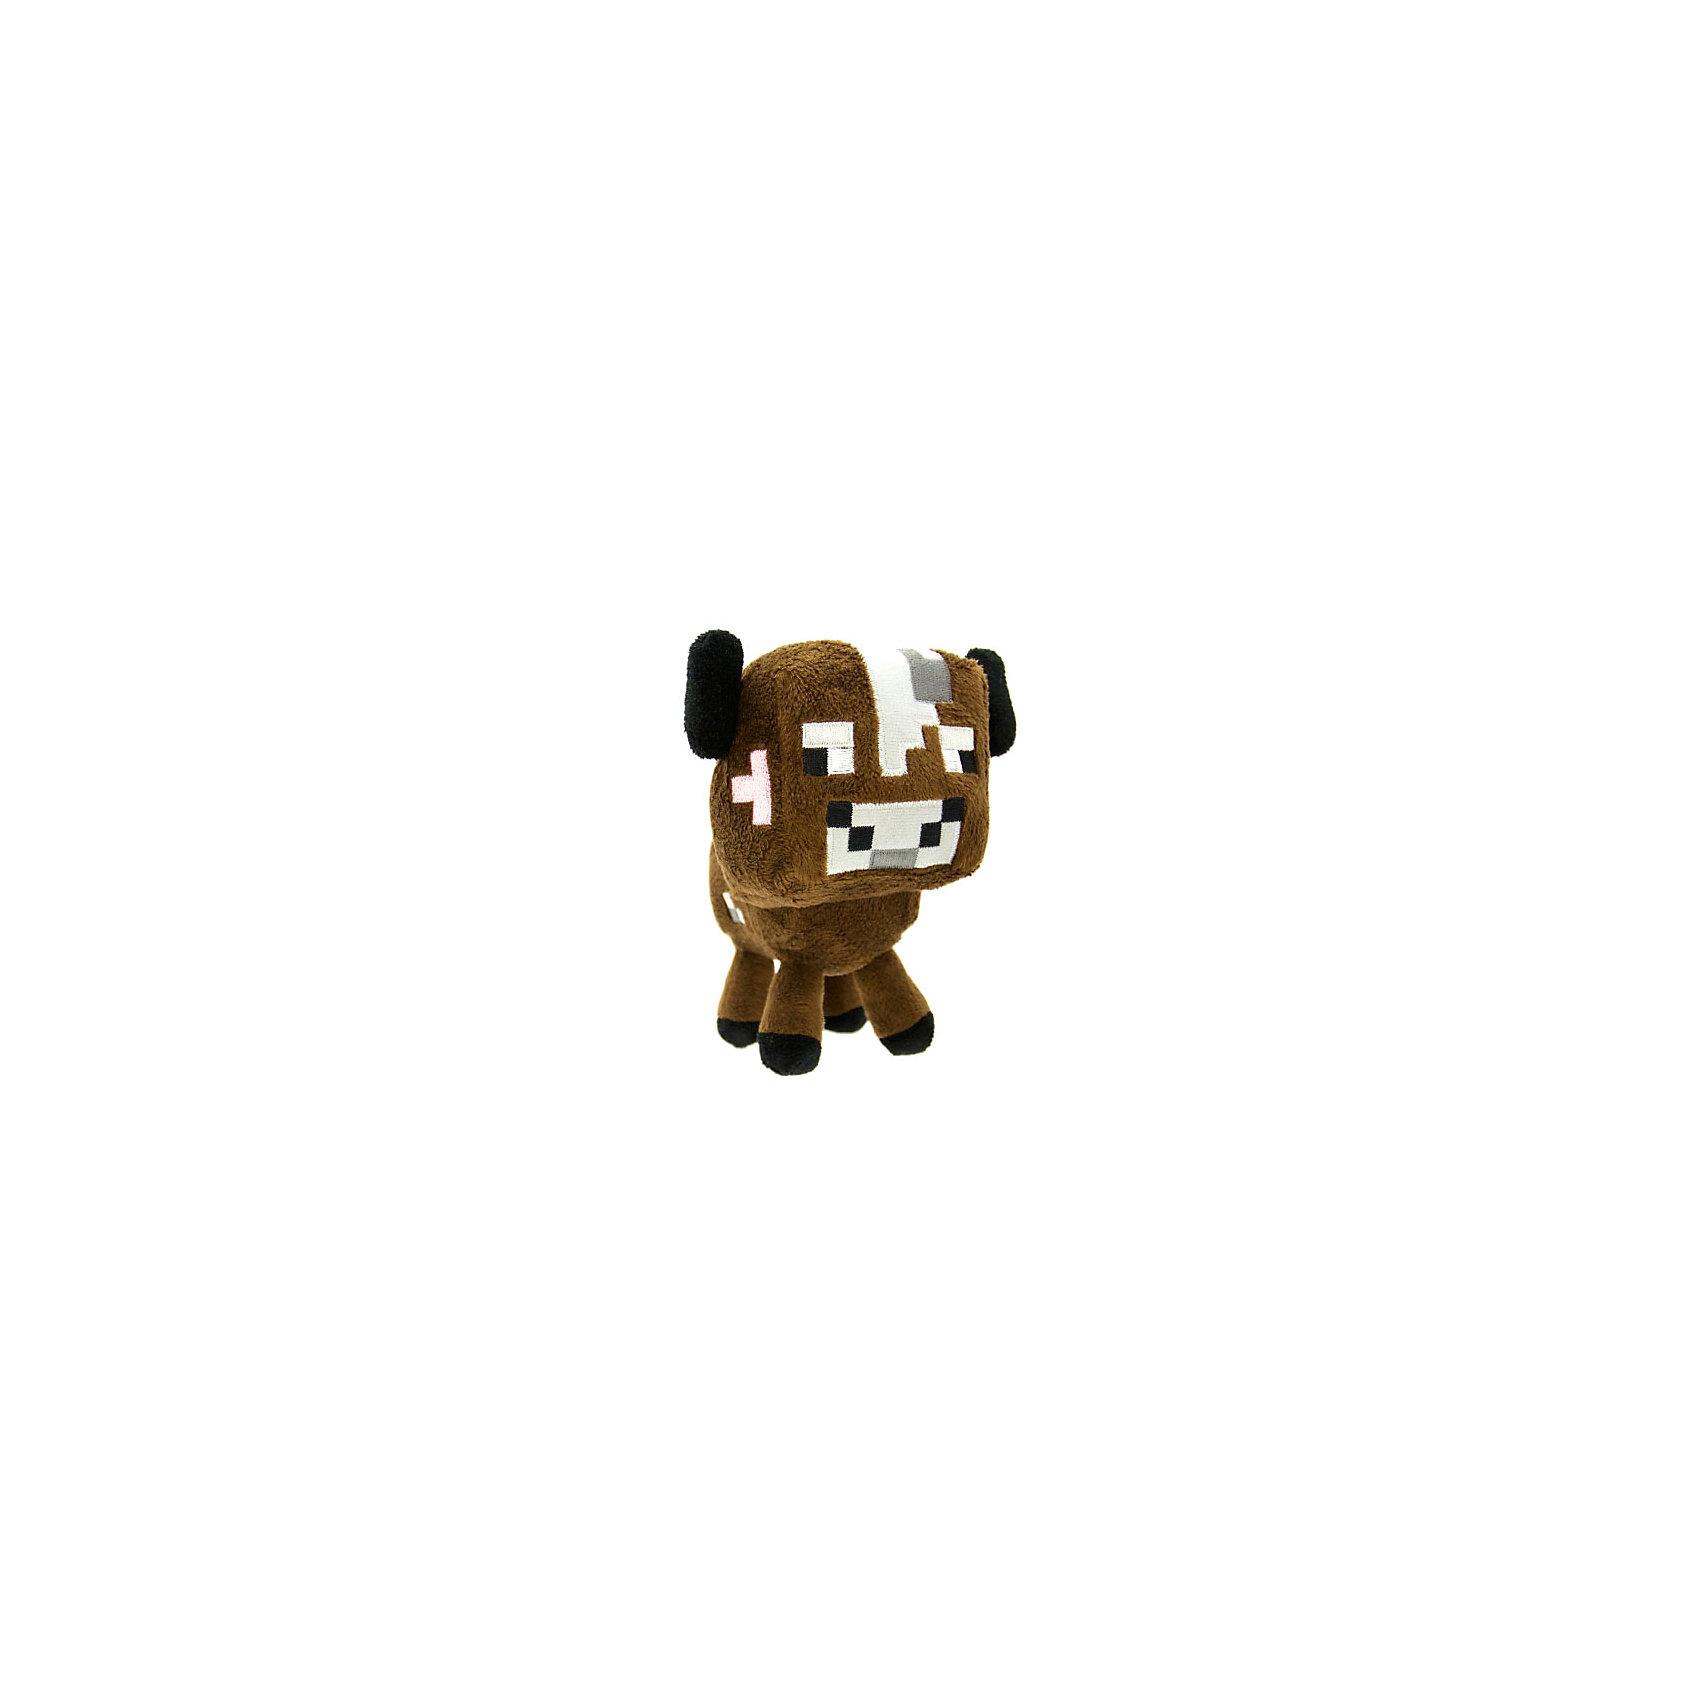 Мягкая игрушка Детеныш грибной коровы, Minecraft, в ассортиментеПлюшевая игрушка Детеныш грибной коровы создана по мотивам популярной онлайн-игры Minecraft. Действия осуществляются от первого лица, а весь игровой мир, предметы, мобы (персонажи) и сам игрок состоят полностью из блоков.<br><br>Грибная корова обитает исключительно в биоме грибного острова. В отличие от обычных коров, грибная корова красного цвета и с черными глазами, а на спине у нее - красные грибы.<br><br>Высота - 18 см.<br>Внимание! Данный товар представлен в ассортименте (отличается цветовым исполнением: красный либо коричневый). Предварительный выбор определенного цвета товара, к сожалению, невозможен. При  заказе нескольких единиц данного товара возможно получение одинаковых.<br><br>Настоящее американское качество.<br><br>Ширина мм: 171<br>Глубина мм: 124<br>Высота мм: 104<br>Вес г: 114<br>Возраст от месяцев: 36<br>Возраст до месяцев: 1188<br>Пол: Унисекс<br>Возраст: Детский<br>SKU: 4278007